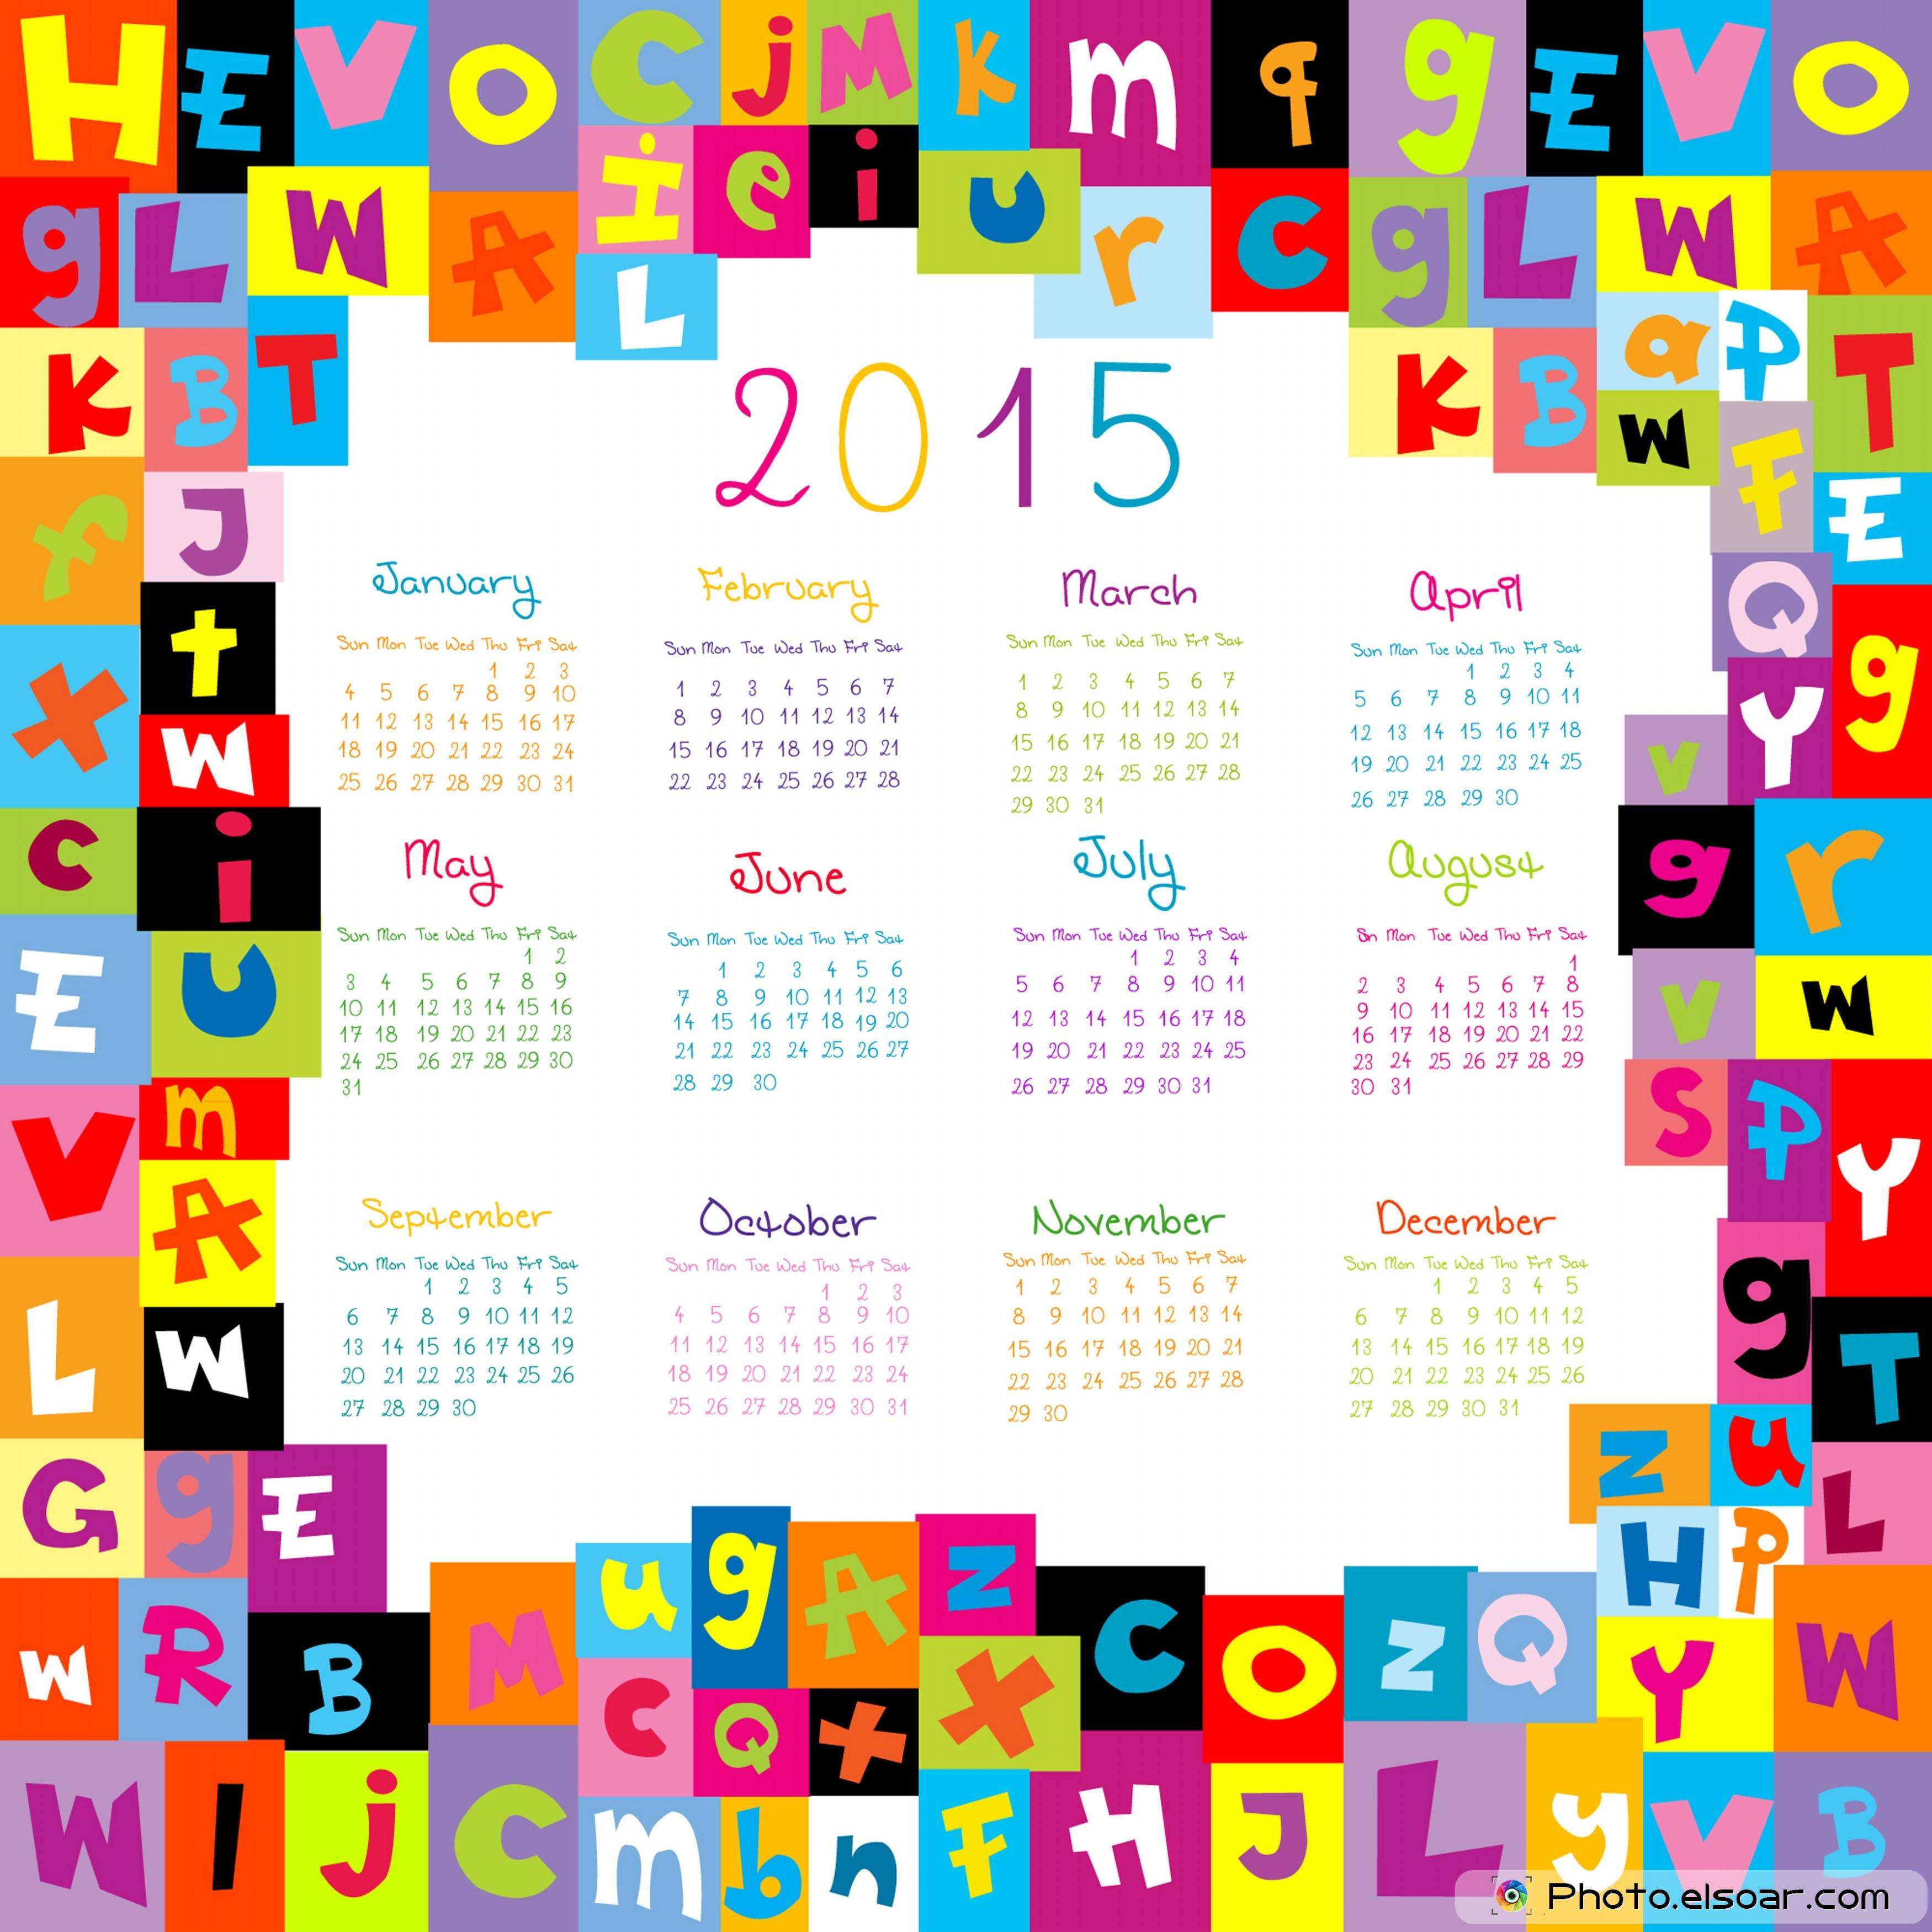 по ключевым словам.  Похожие изображения. календарь. детских.  2015. год. рисунков.